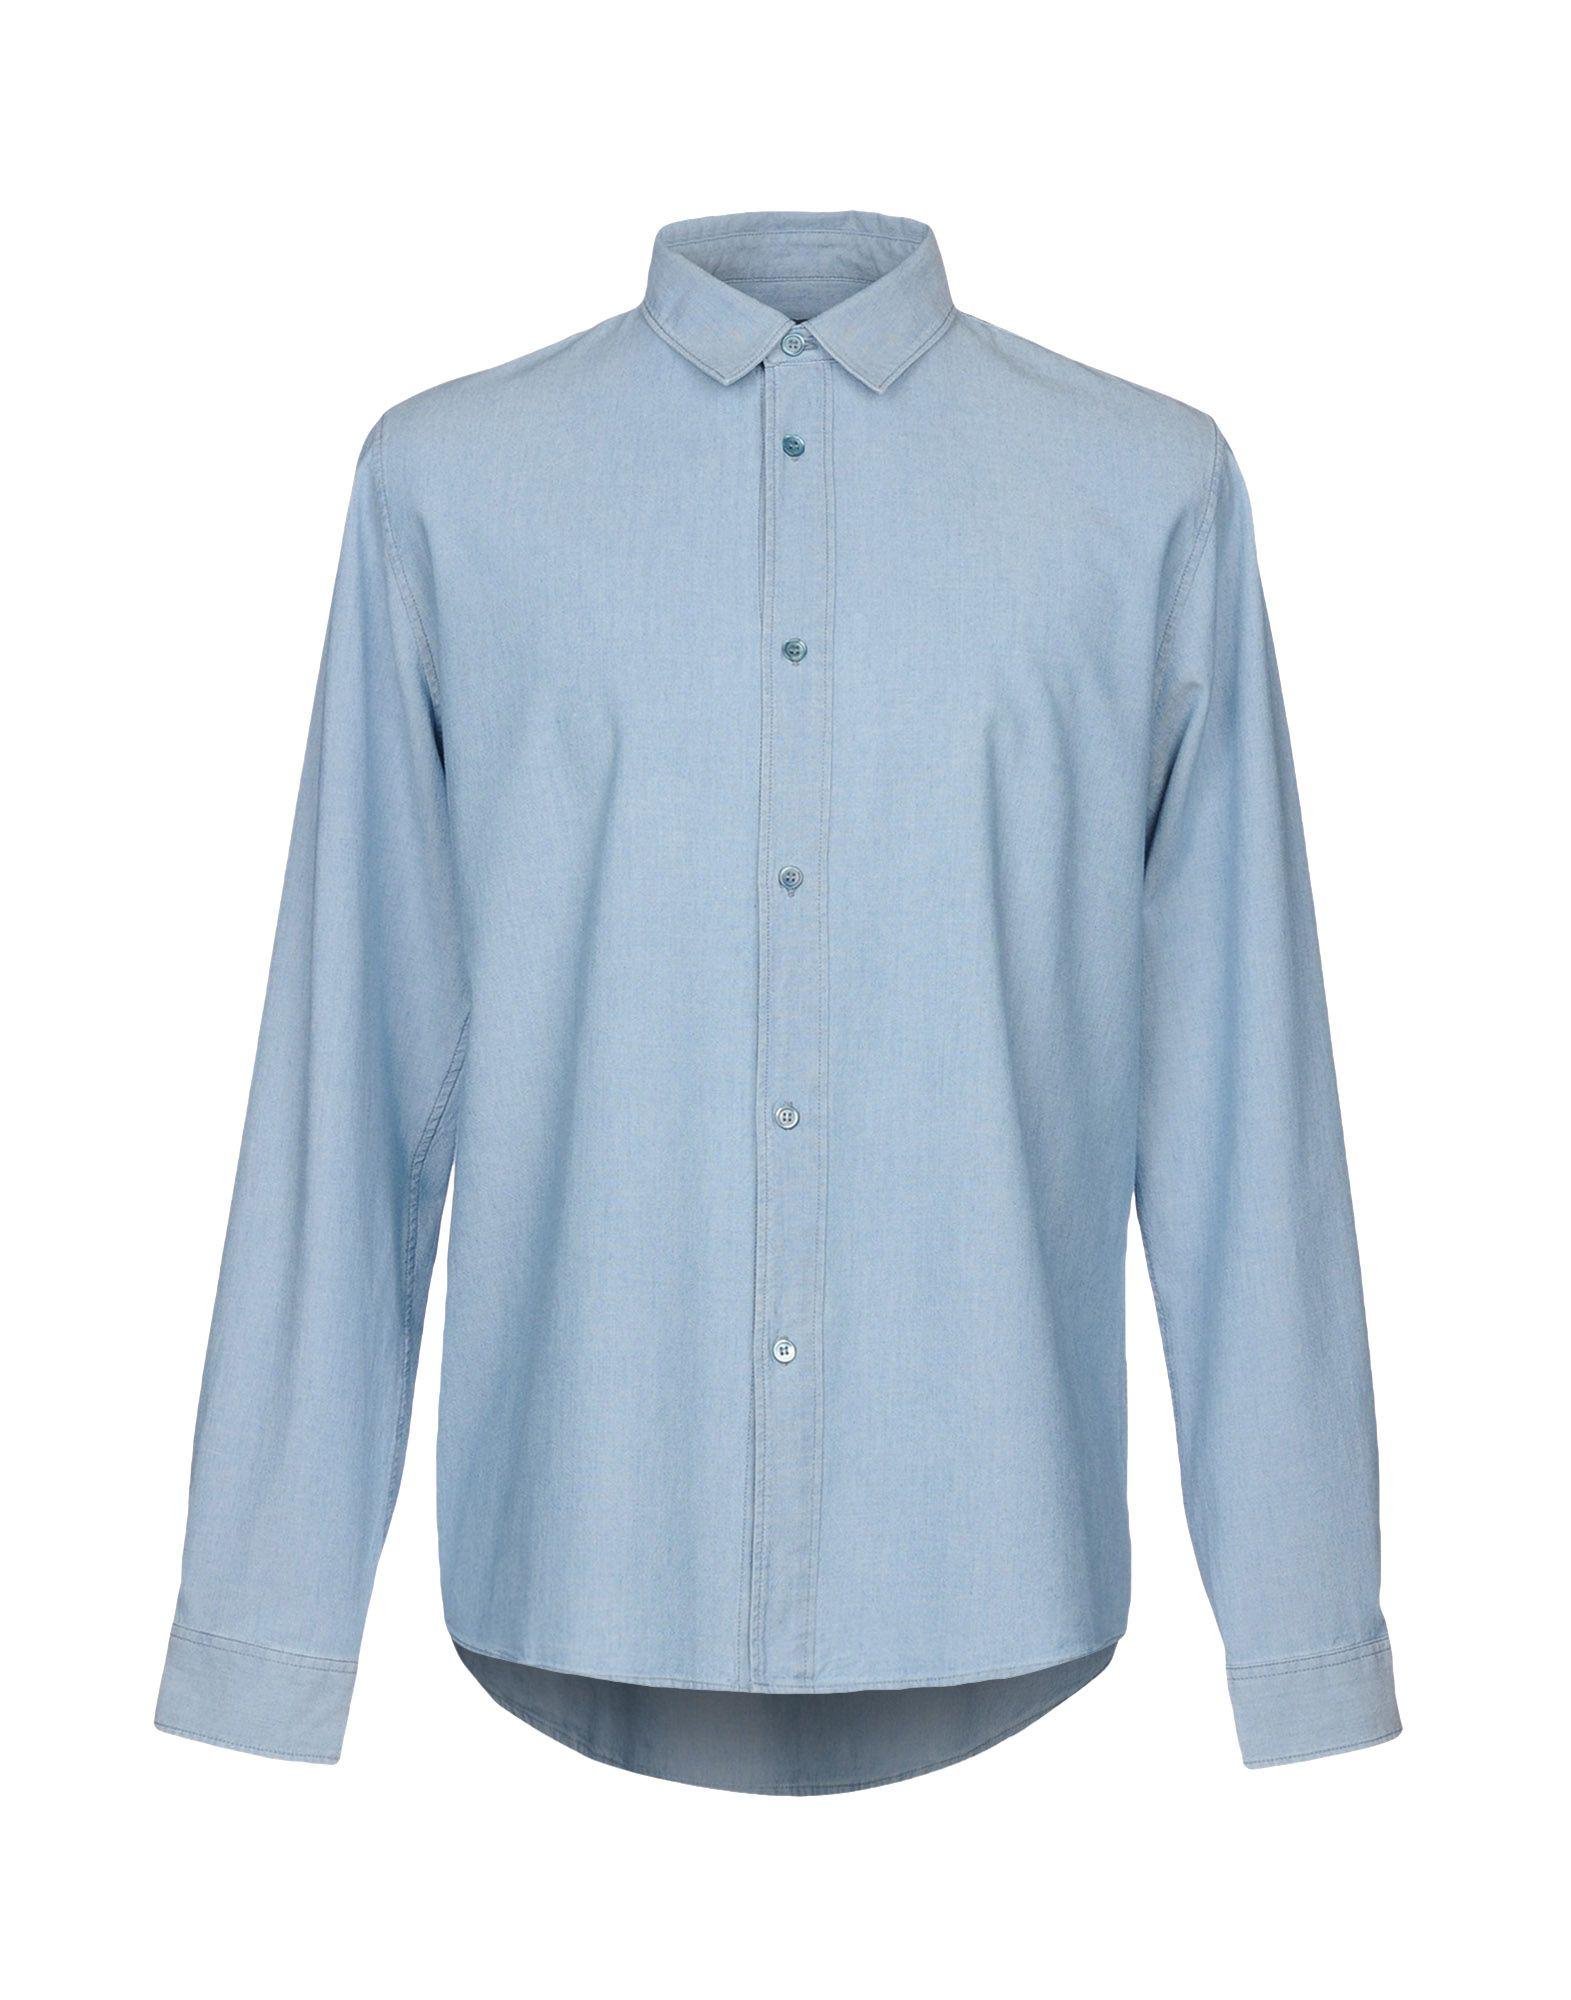 Camicia Jeans A.P.C. Uomo - Acquista online su